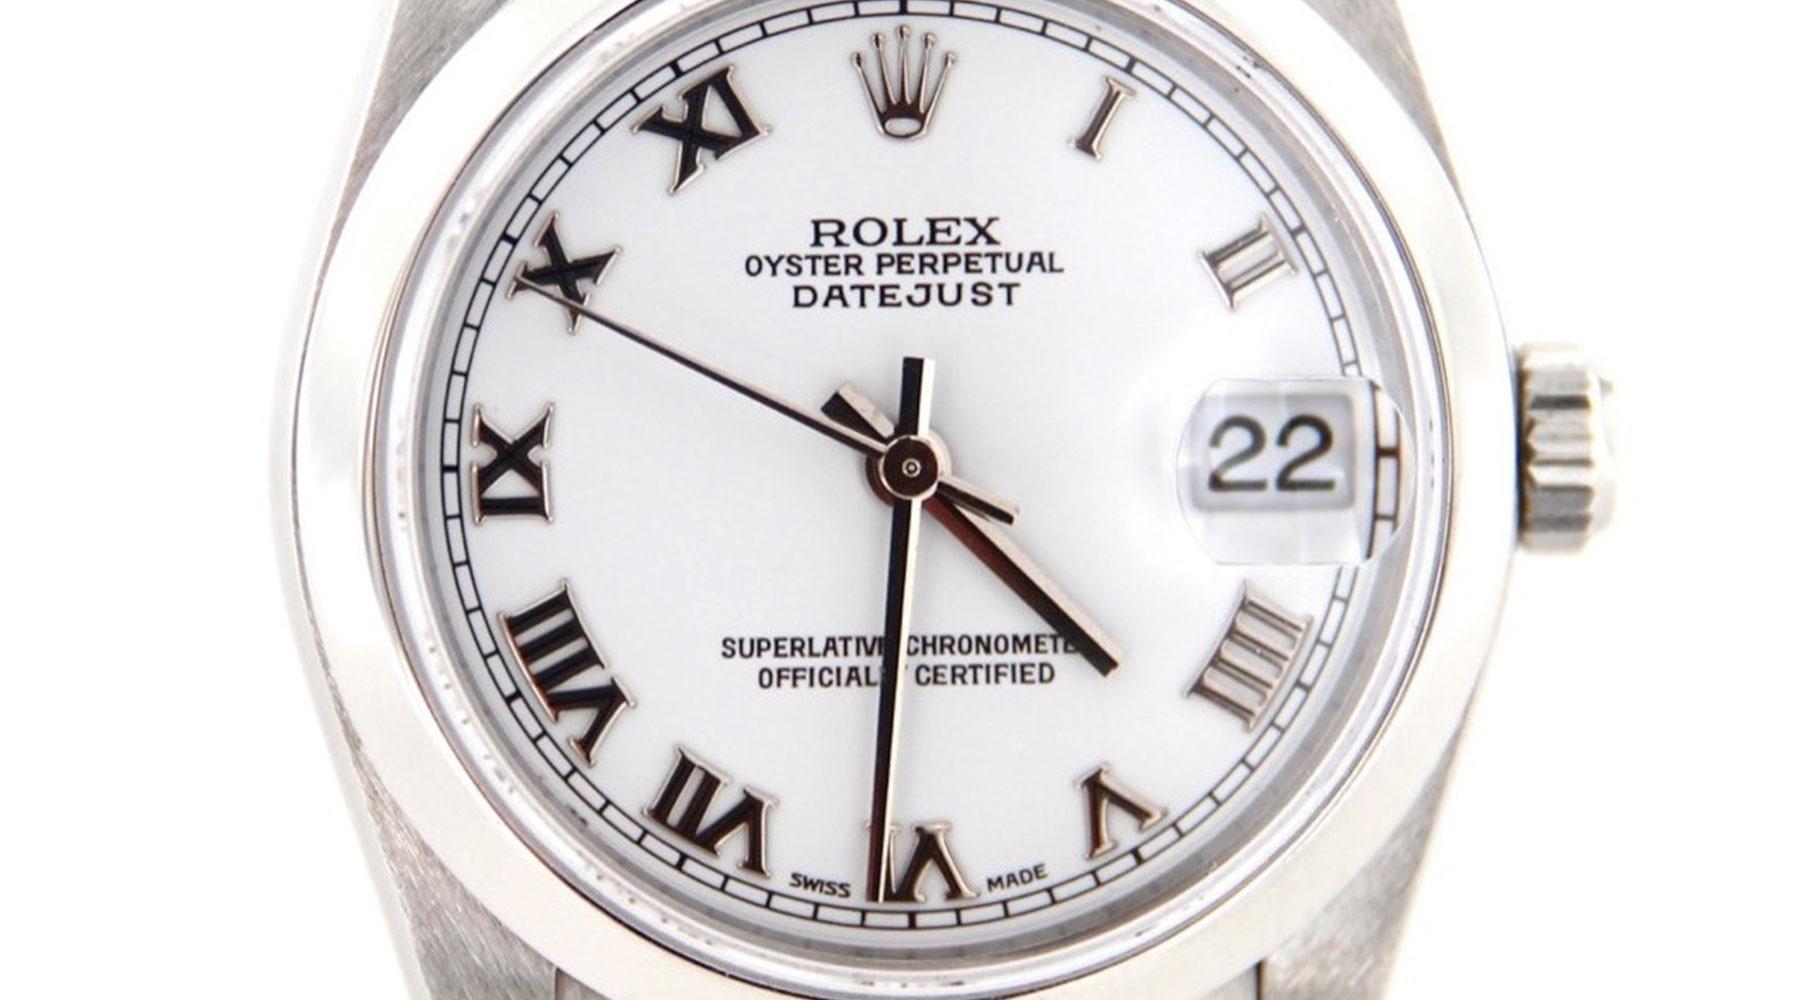 Rolex usati certificati originali